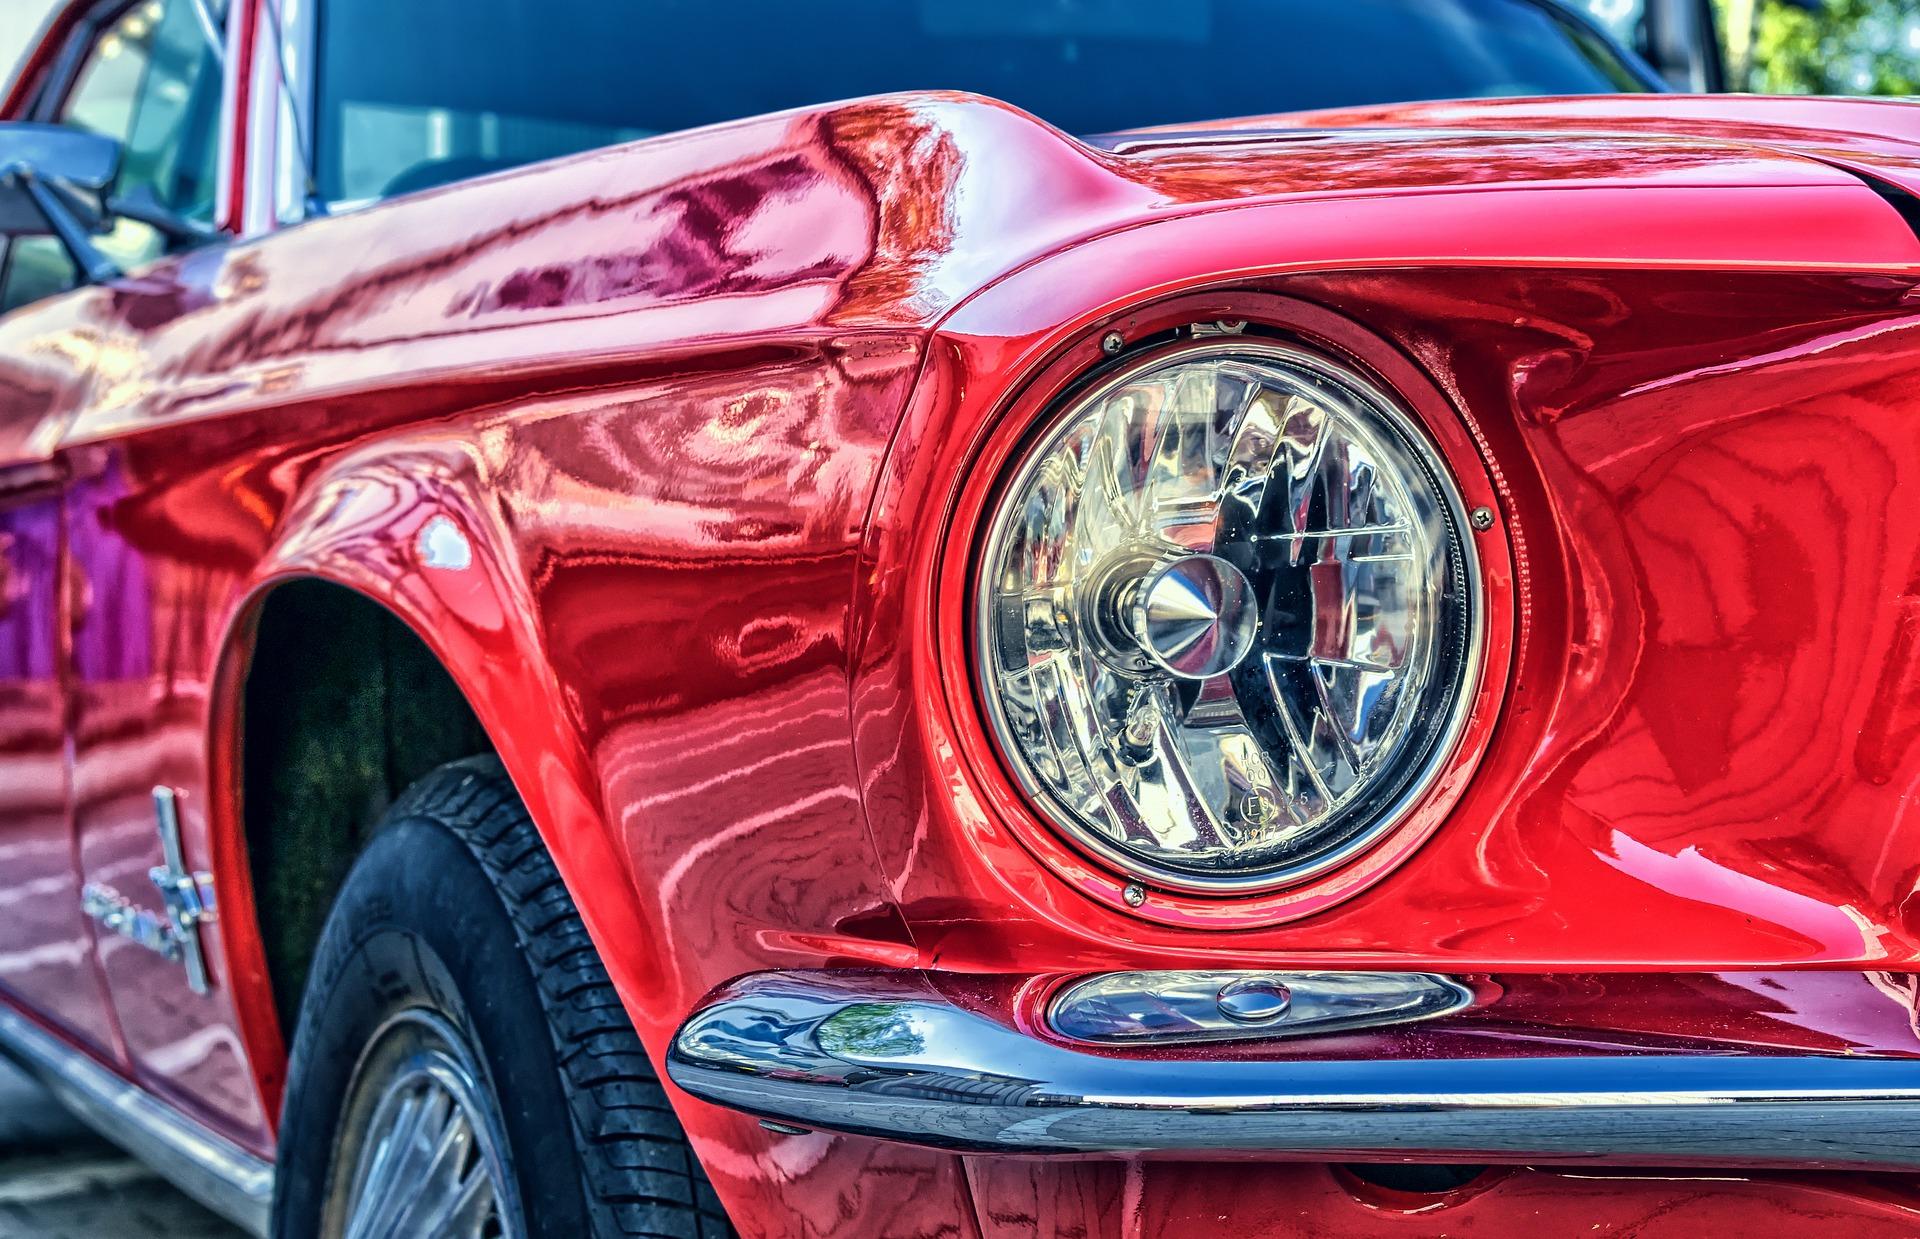 La restauration automobile, présentation générale